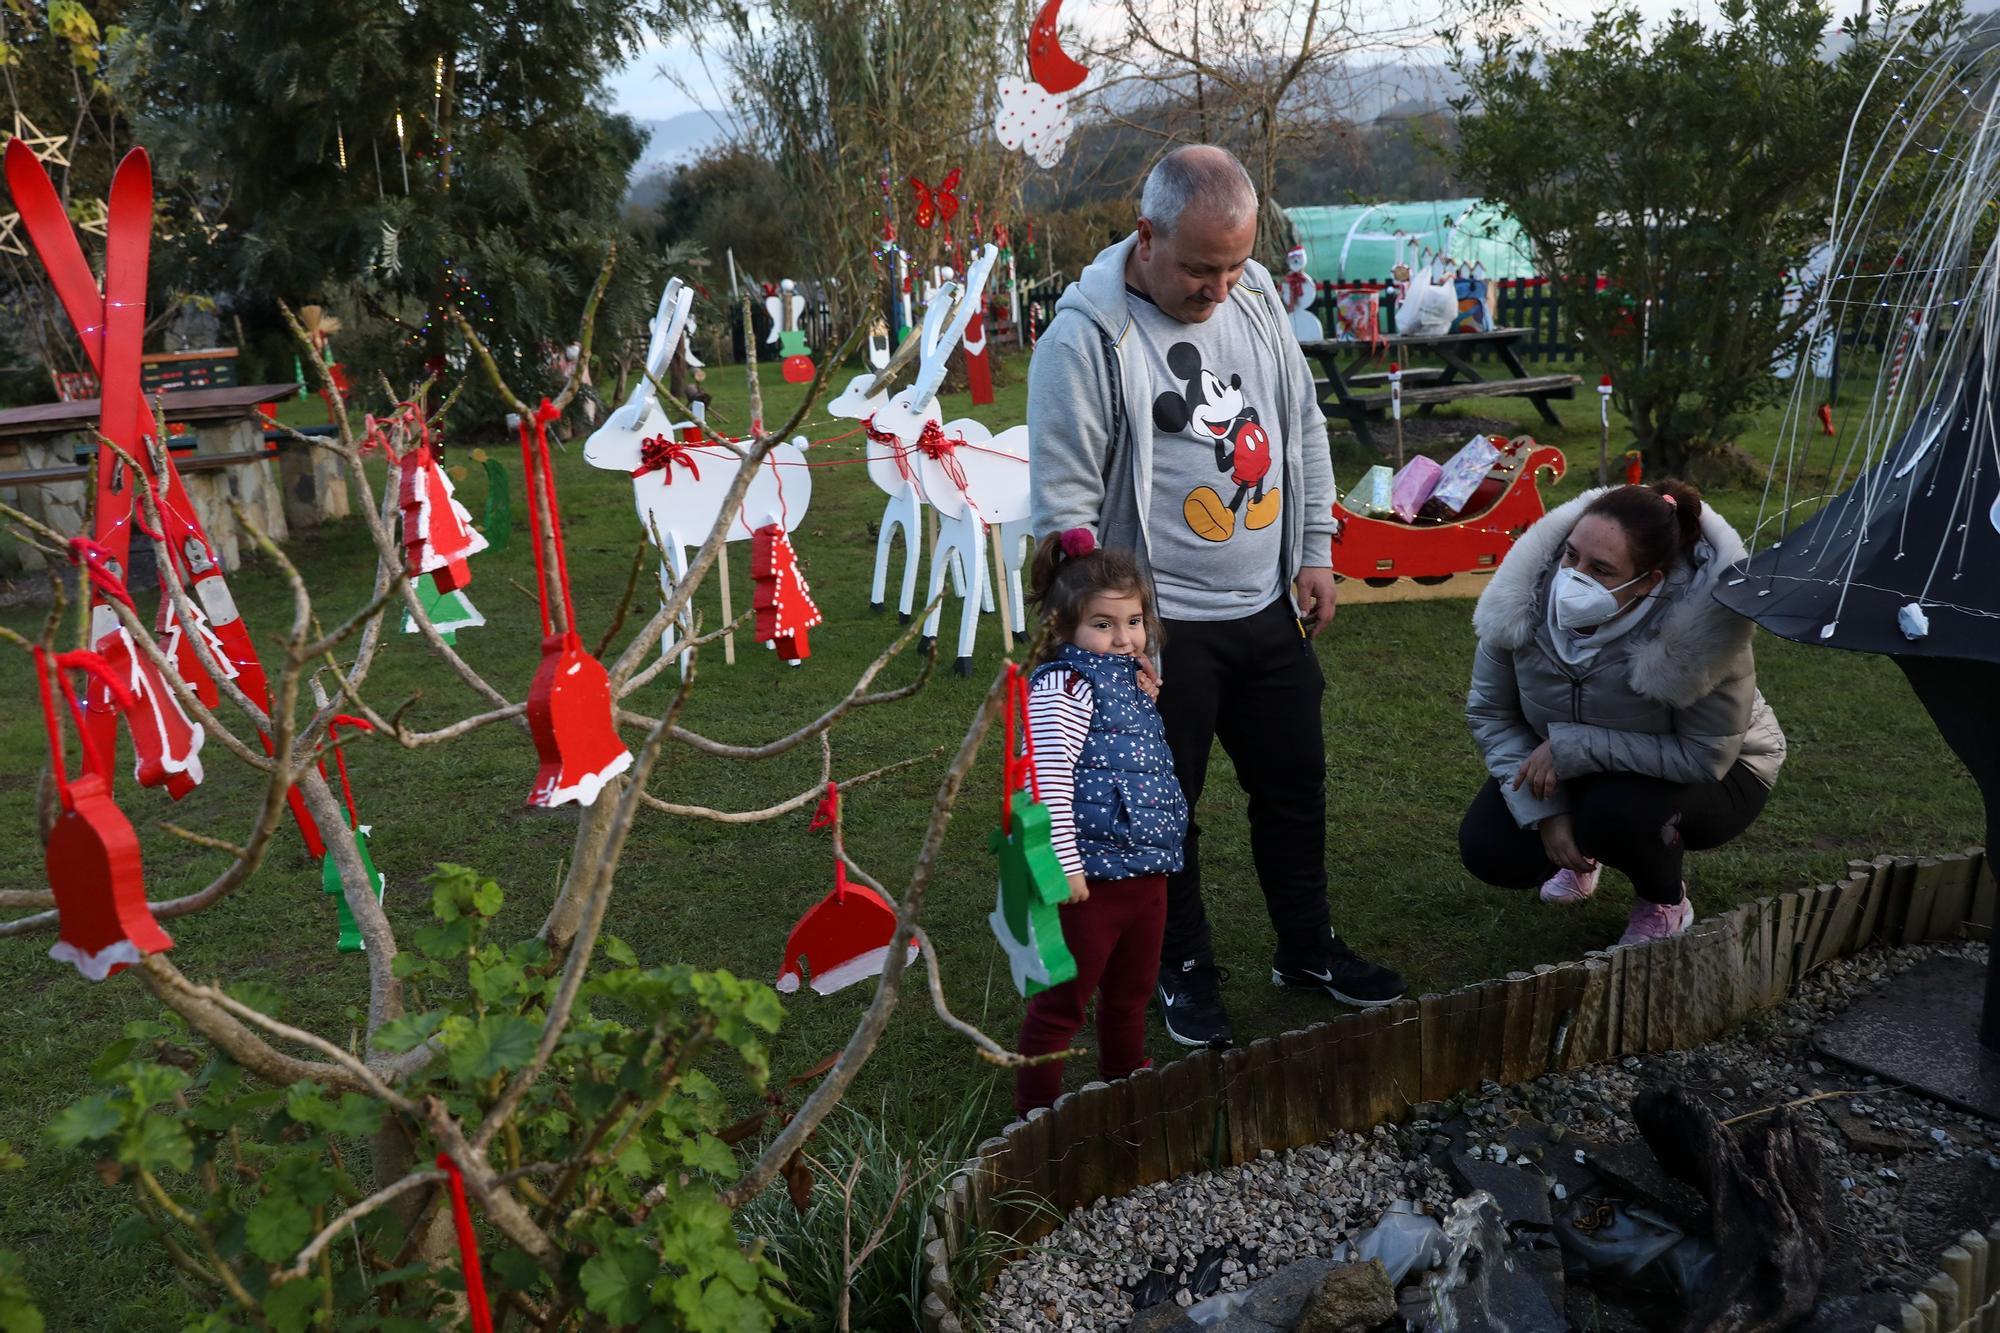 Los Huertos de Cabue�es, jardines de ilusi�n en Navidad (12).jpg